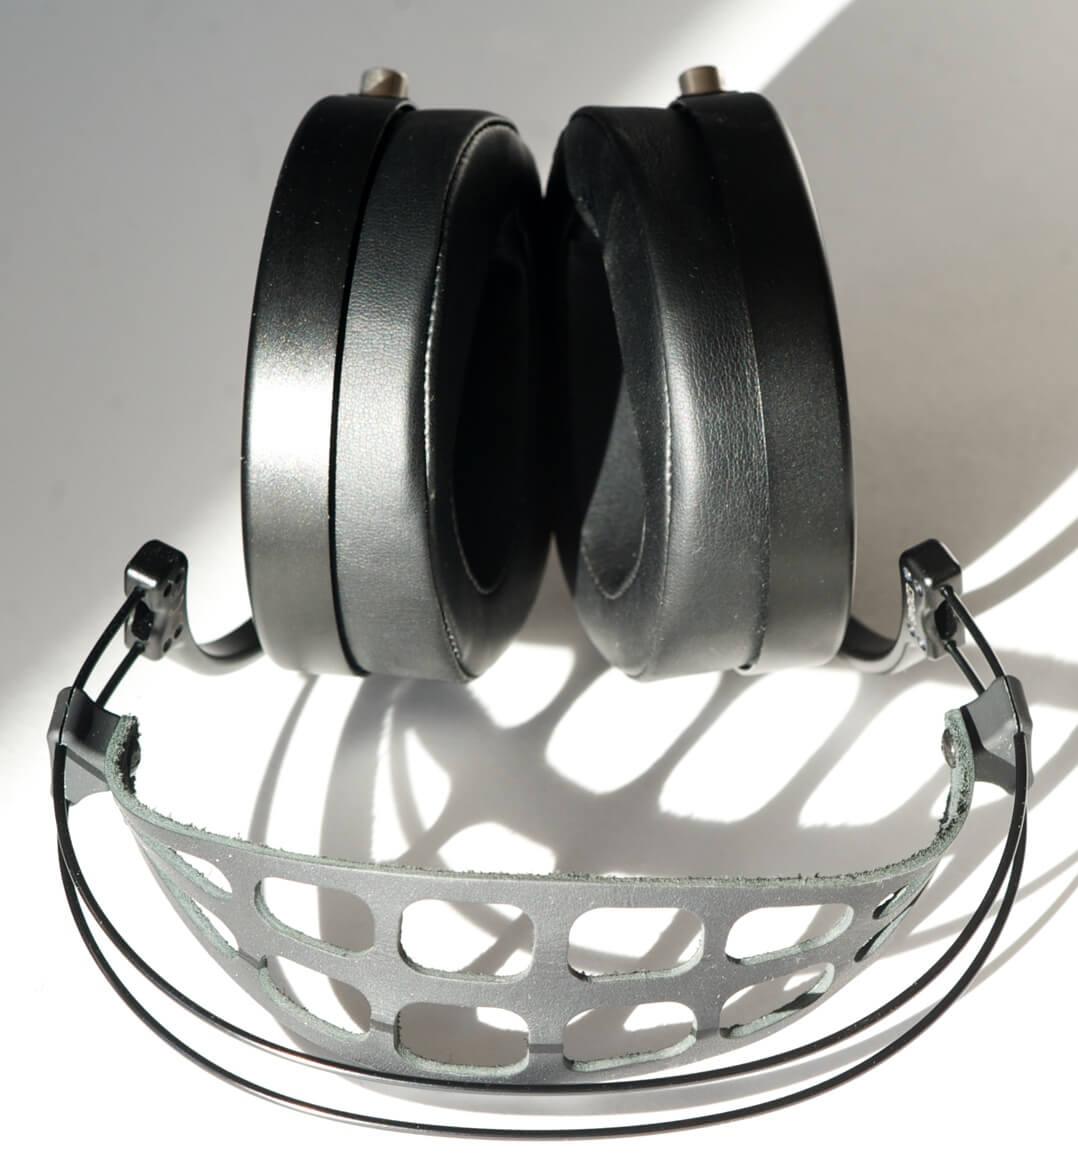 MrSpeakers Ether 2 Kopfhörer von oben Bügel vorne